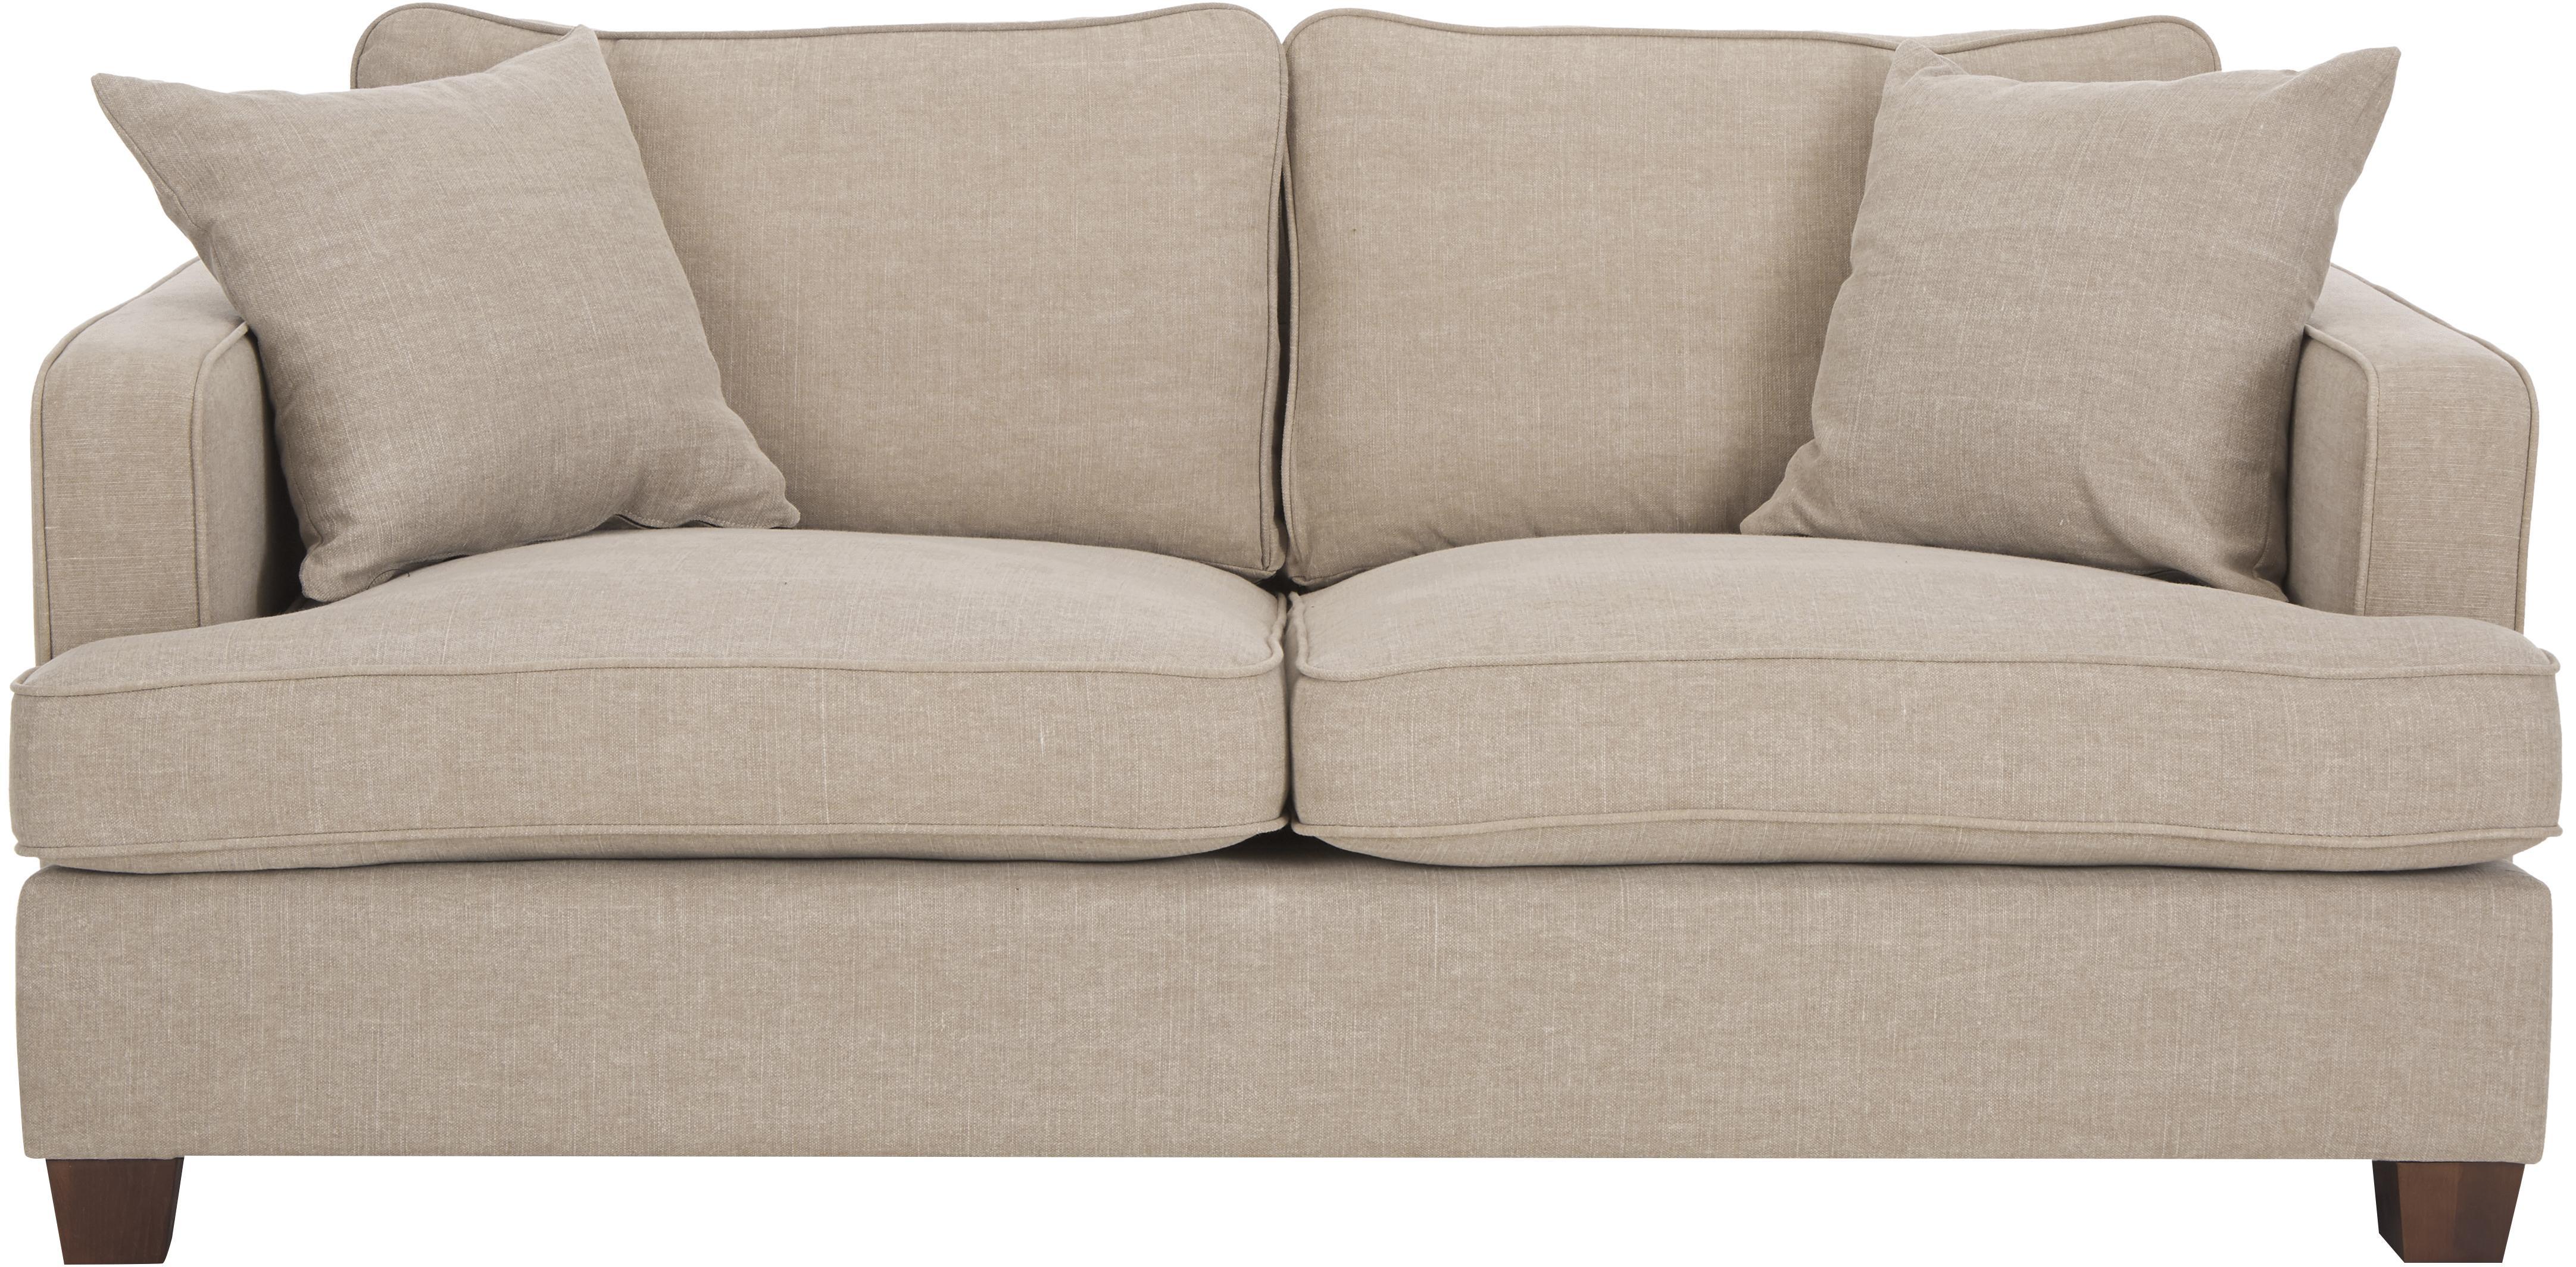 Big Sofa Warren (2-Sitzer), Gestell: Holz, Bezug: 60% Baumwolle, 40% Leinen, Beine: Schwarzholz, Webstoff Beige, 178 x 85 cm